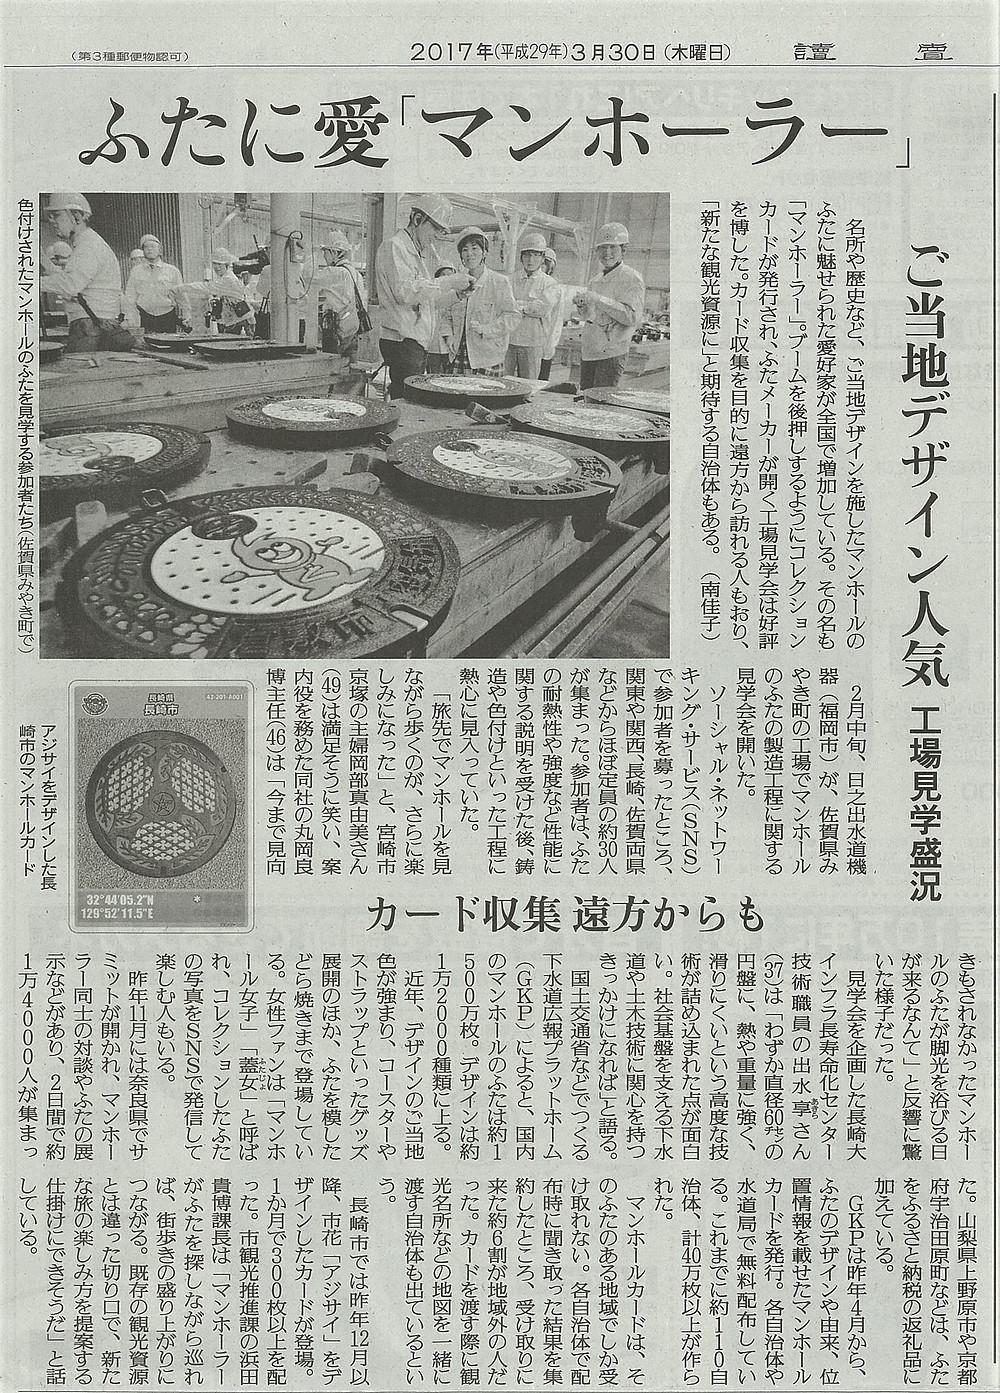 2017年3月25日(土)読売新聞(夕刊)山口・福岡地域